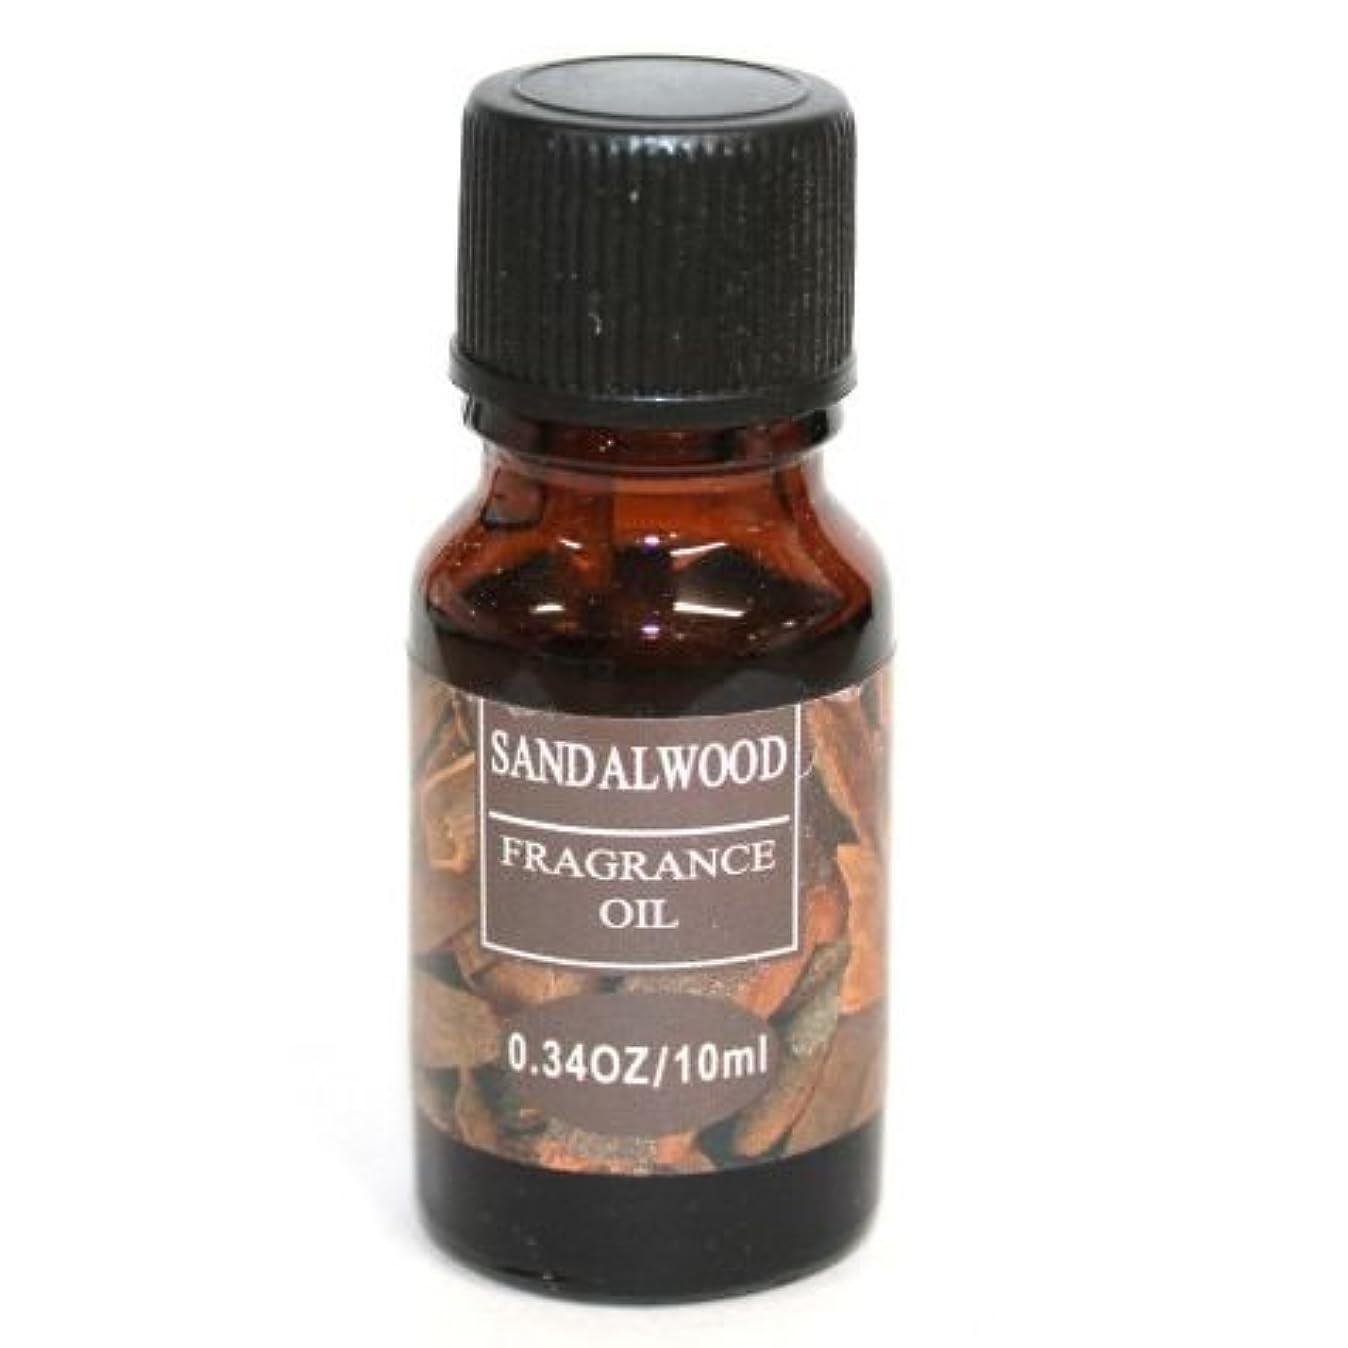 ゴールド十分さわやかRELAXING アロマオイル フレグランスオイル サンダルウッドの香り ビャクダン (白檀) RQ-03